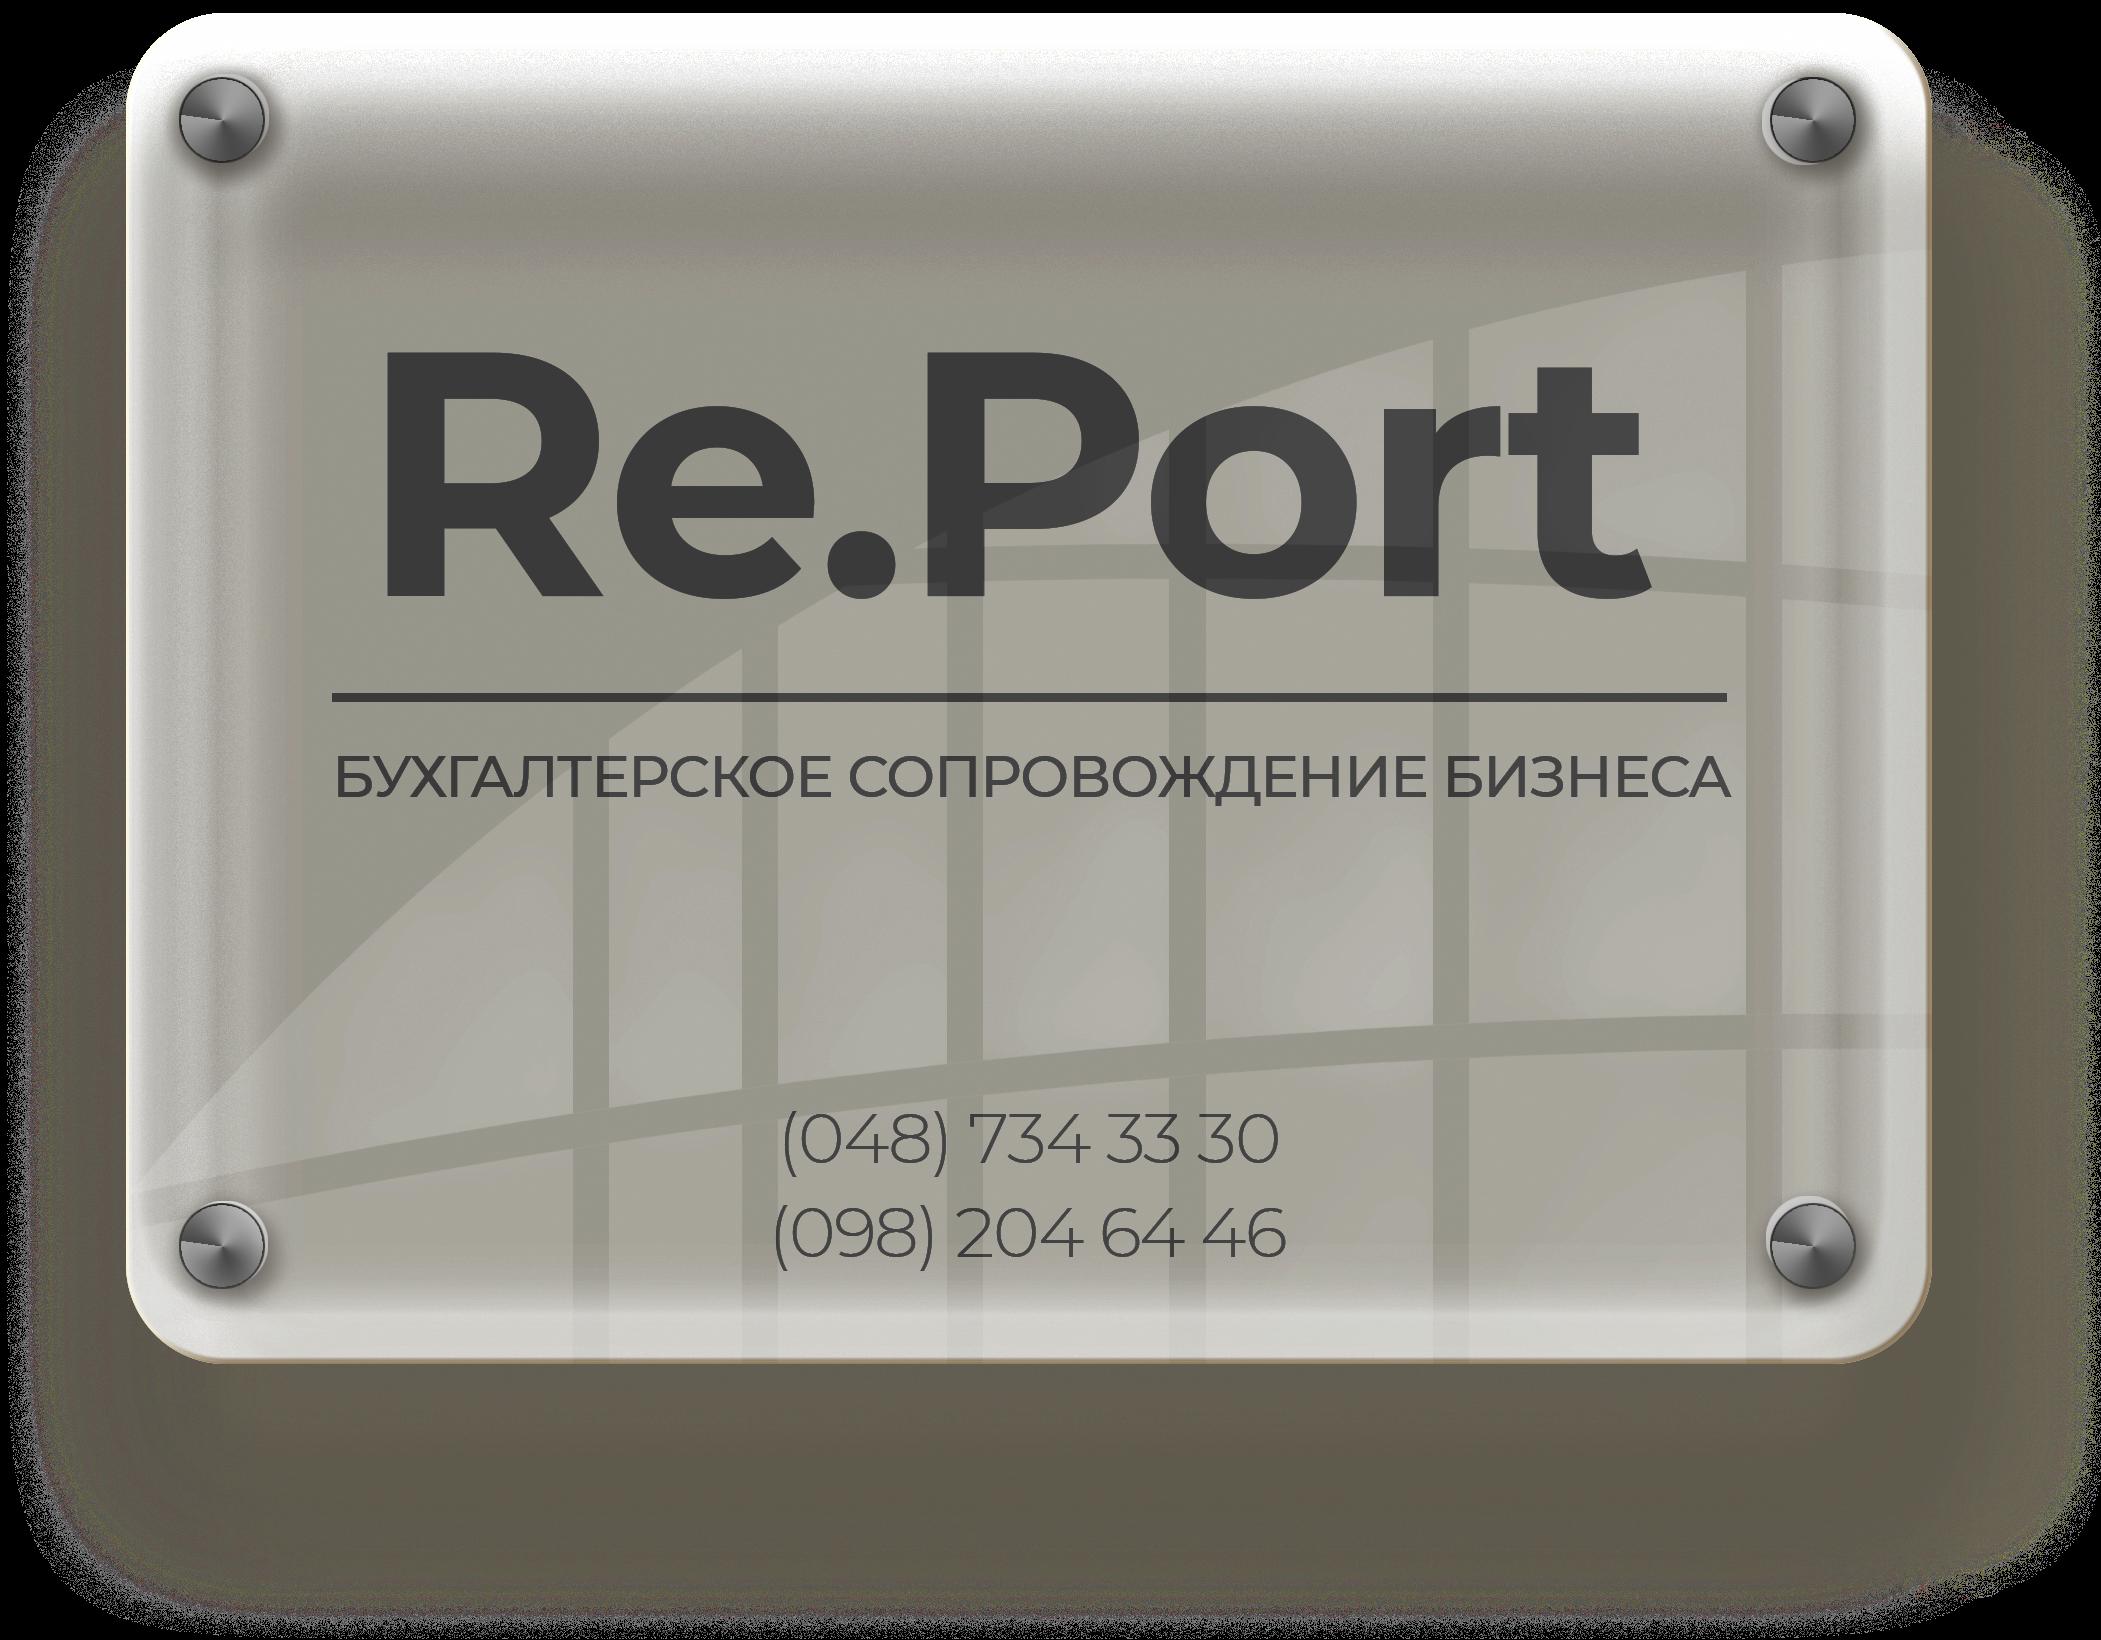 Re.Port-tablichka